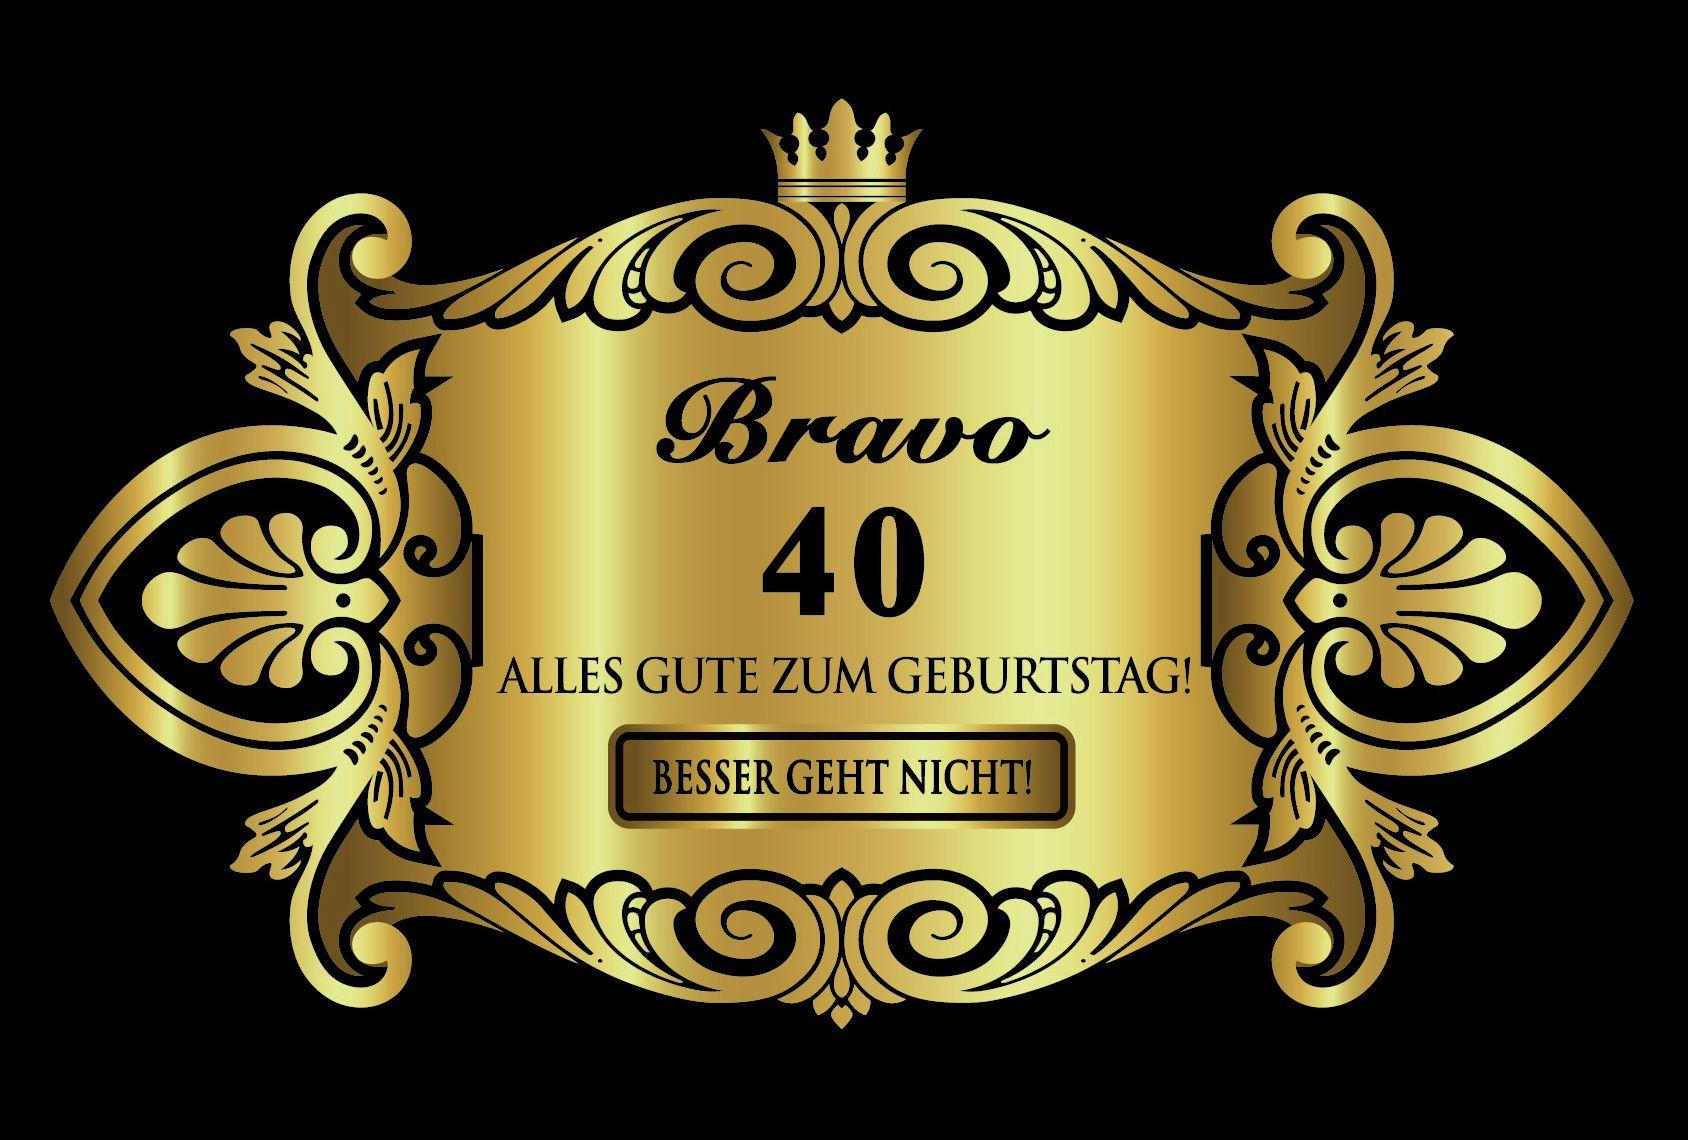 Geburtstagswünsche Zum 40 Geburtstag Mann  Alles Gute Zum 40 Geburtstag Sprüche Lustig